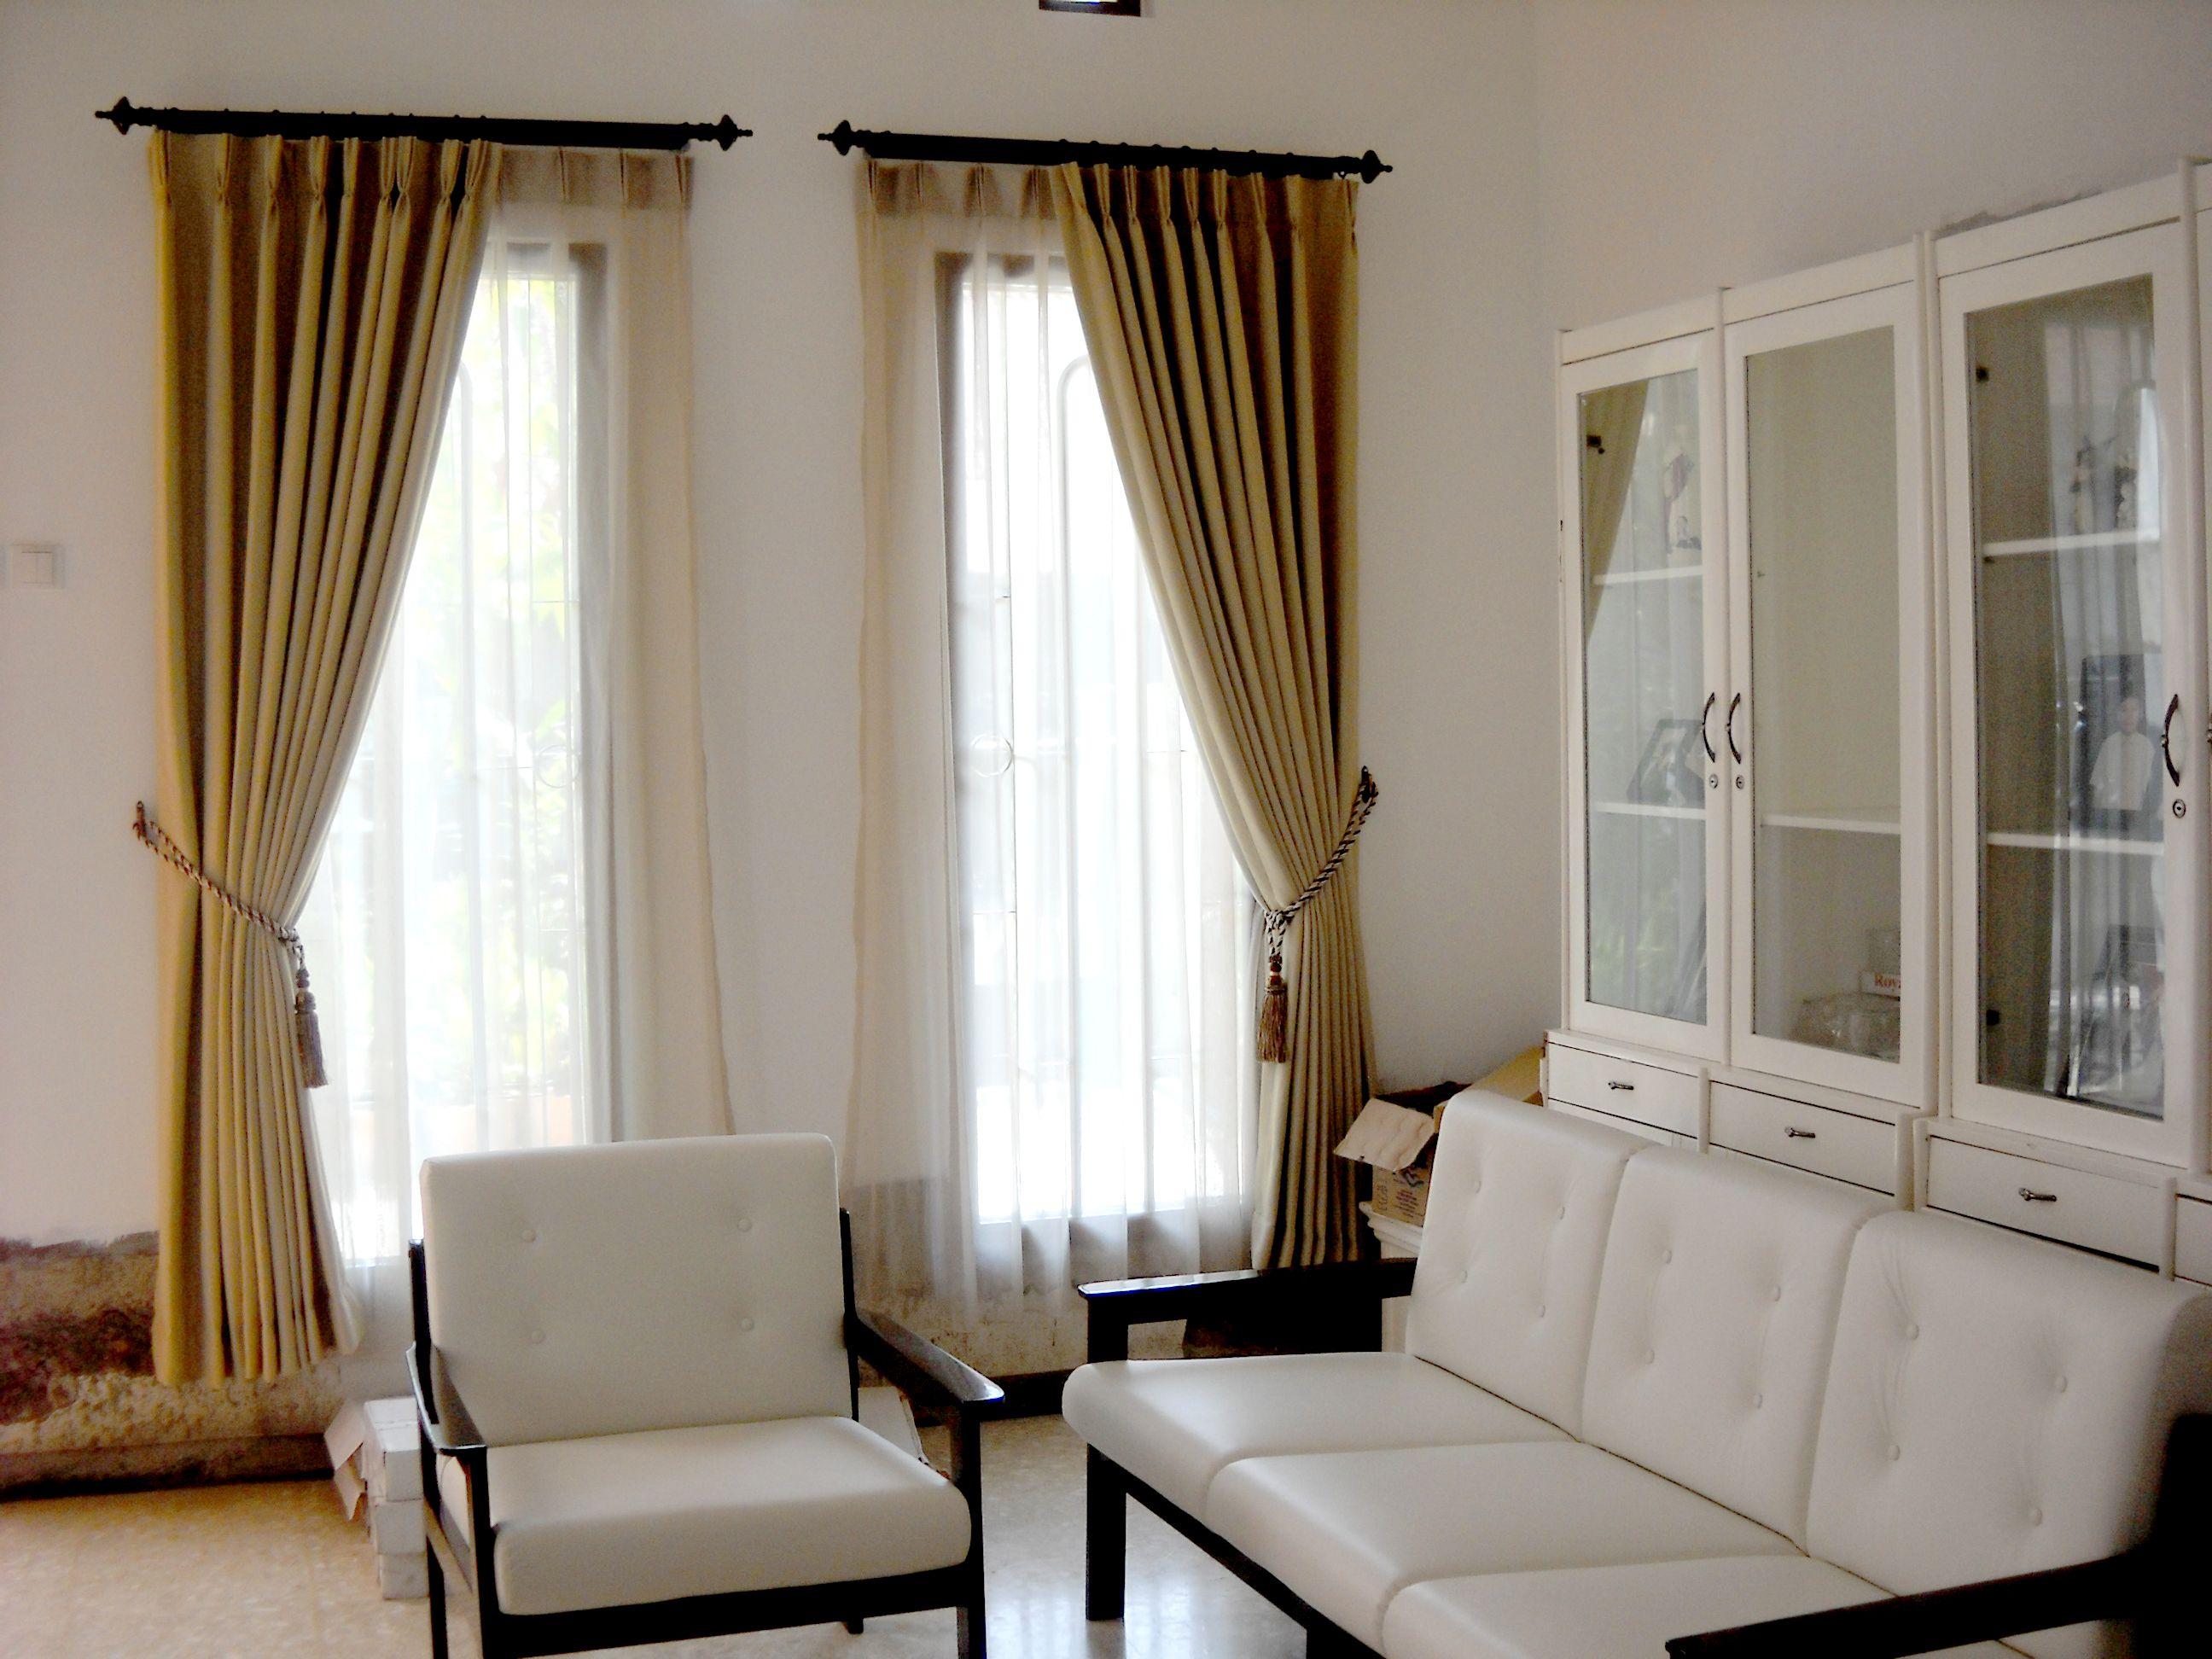 96 Ragam Desain Gorden Rumah Minimalis Semarang Terbaru Dan Terbaik Deagam Design